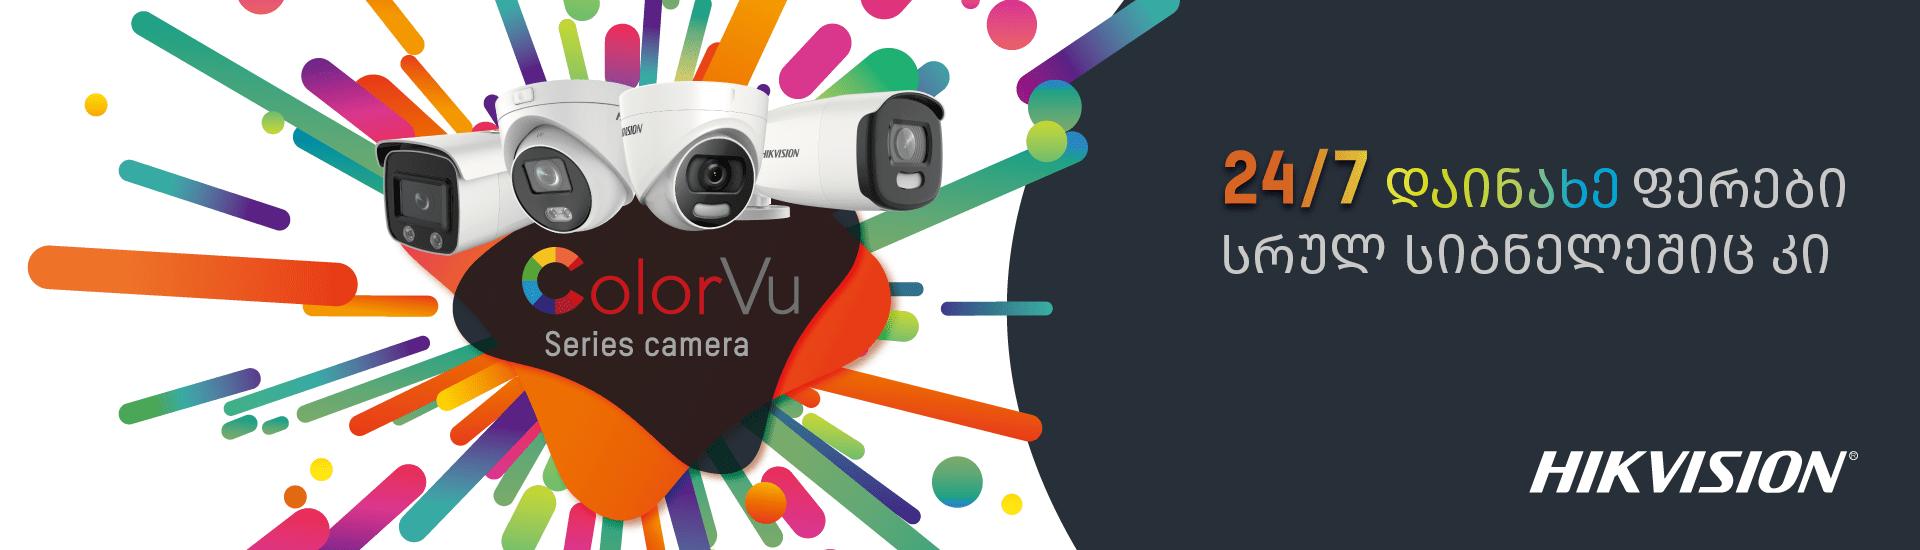 ColorVu ტექნოლოგია ხარისხიანი გამოსახულება 24 საათის განმავლობაში